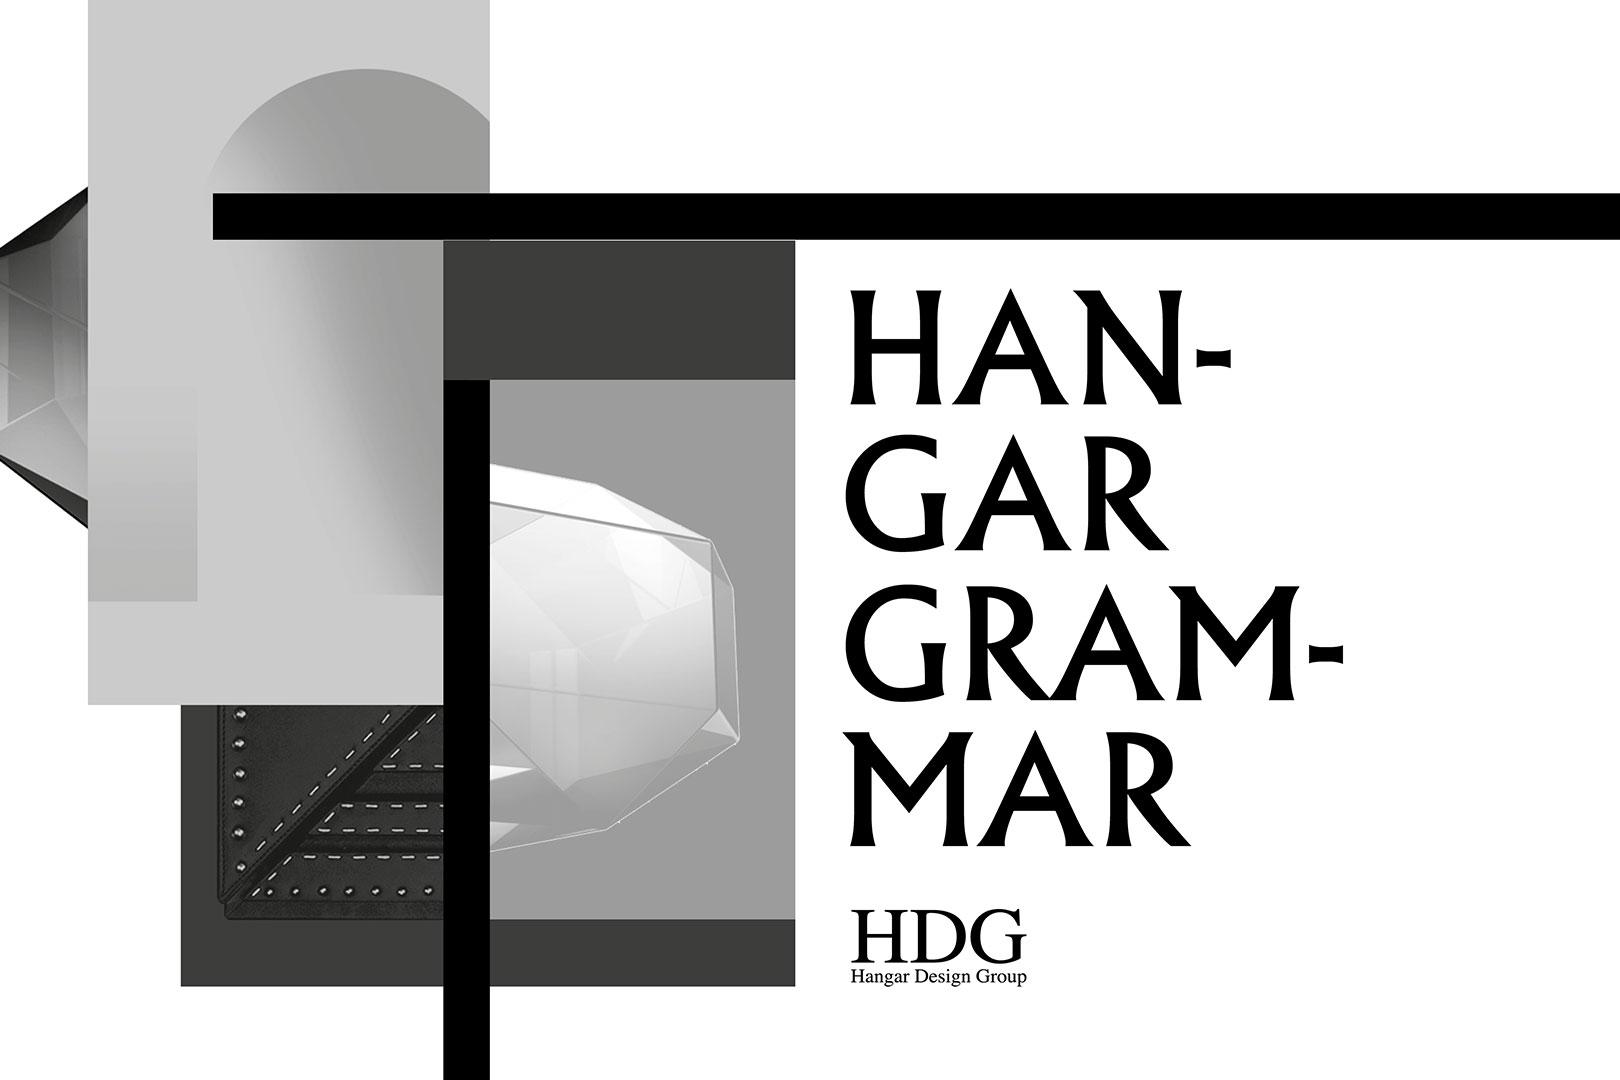 Hangar Design Group Hangar Grammar Shaping Matter